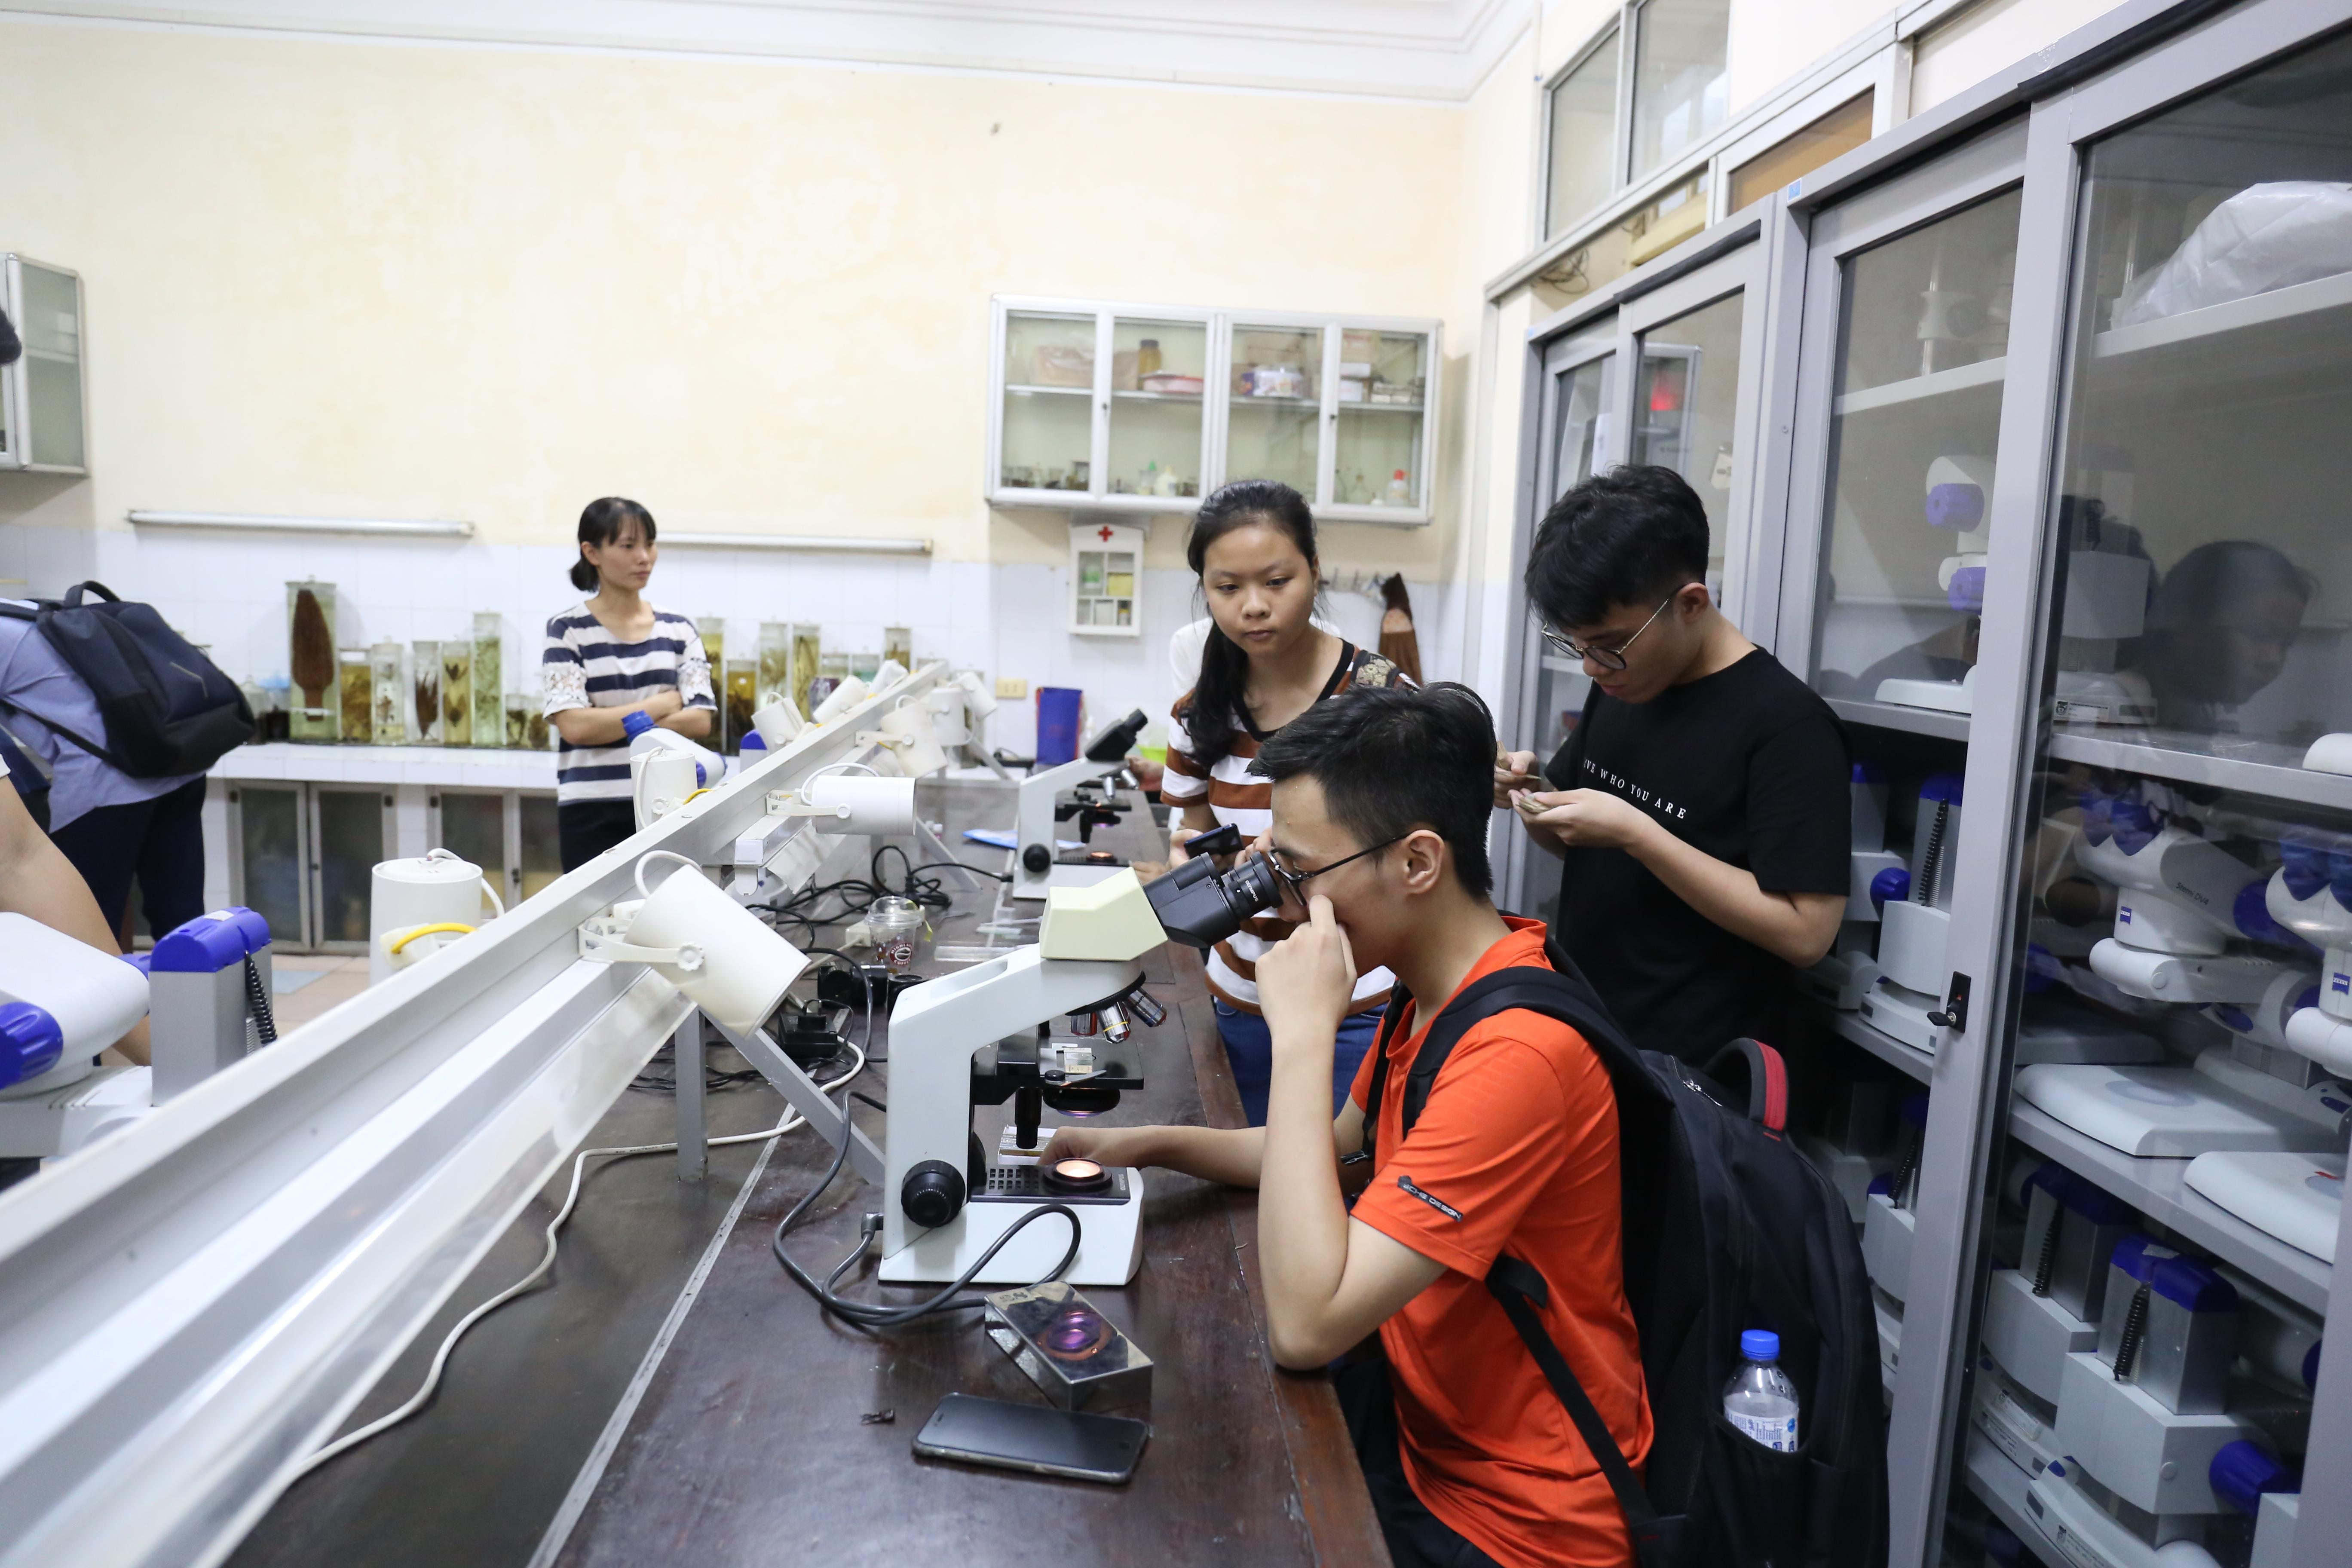 LabTour tham quan phòng thực hành đa dạng sinh học, trường ĐH Khoa học tự nhiên, ĐHQGHN | Ảnh: Ngô Hà